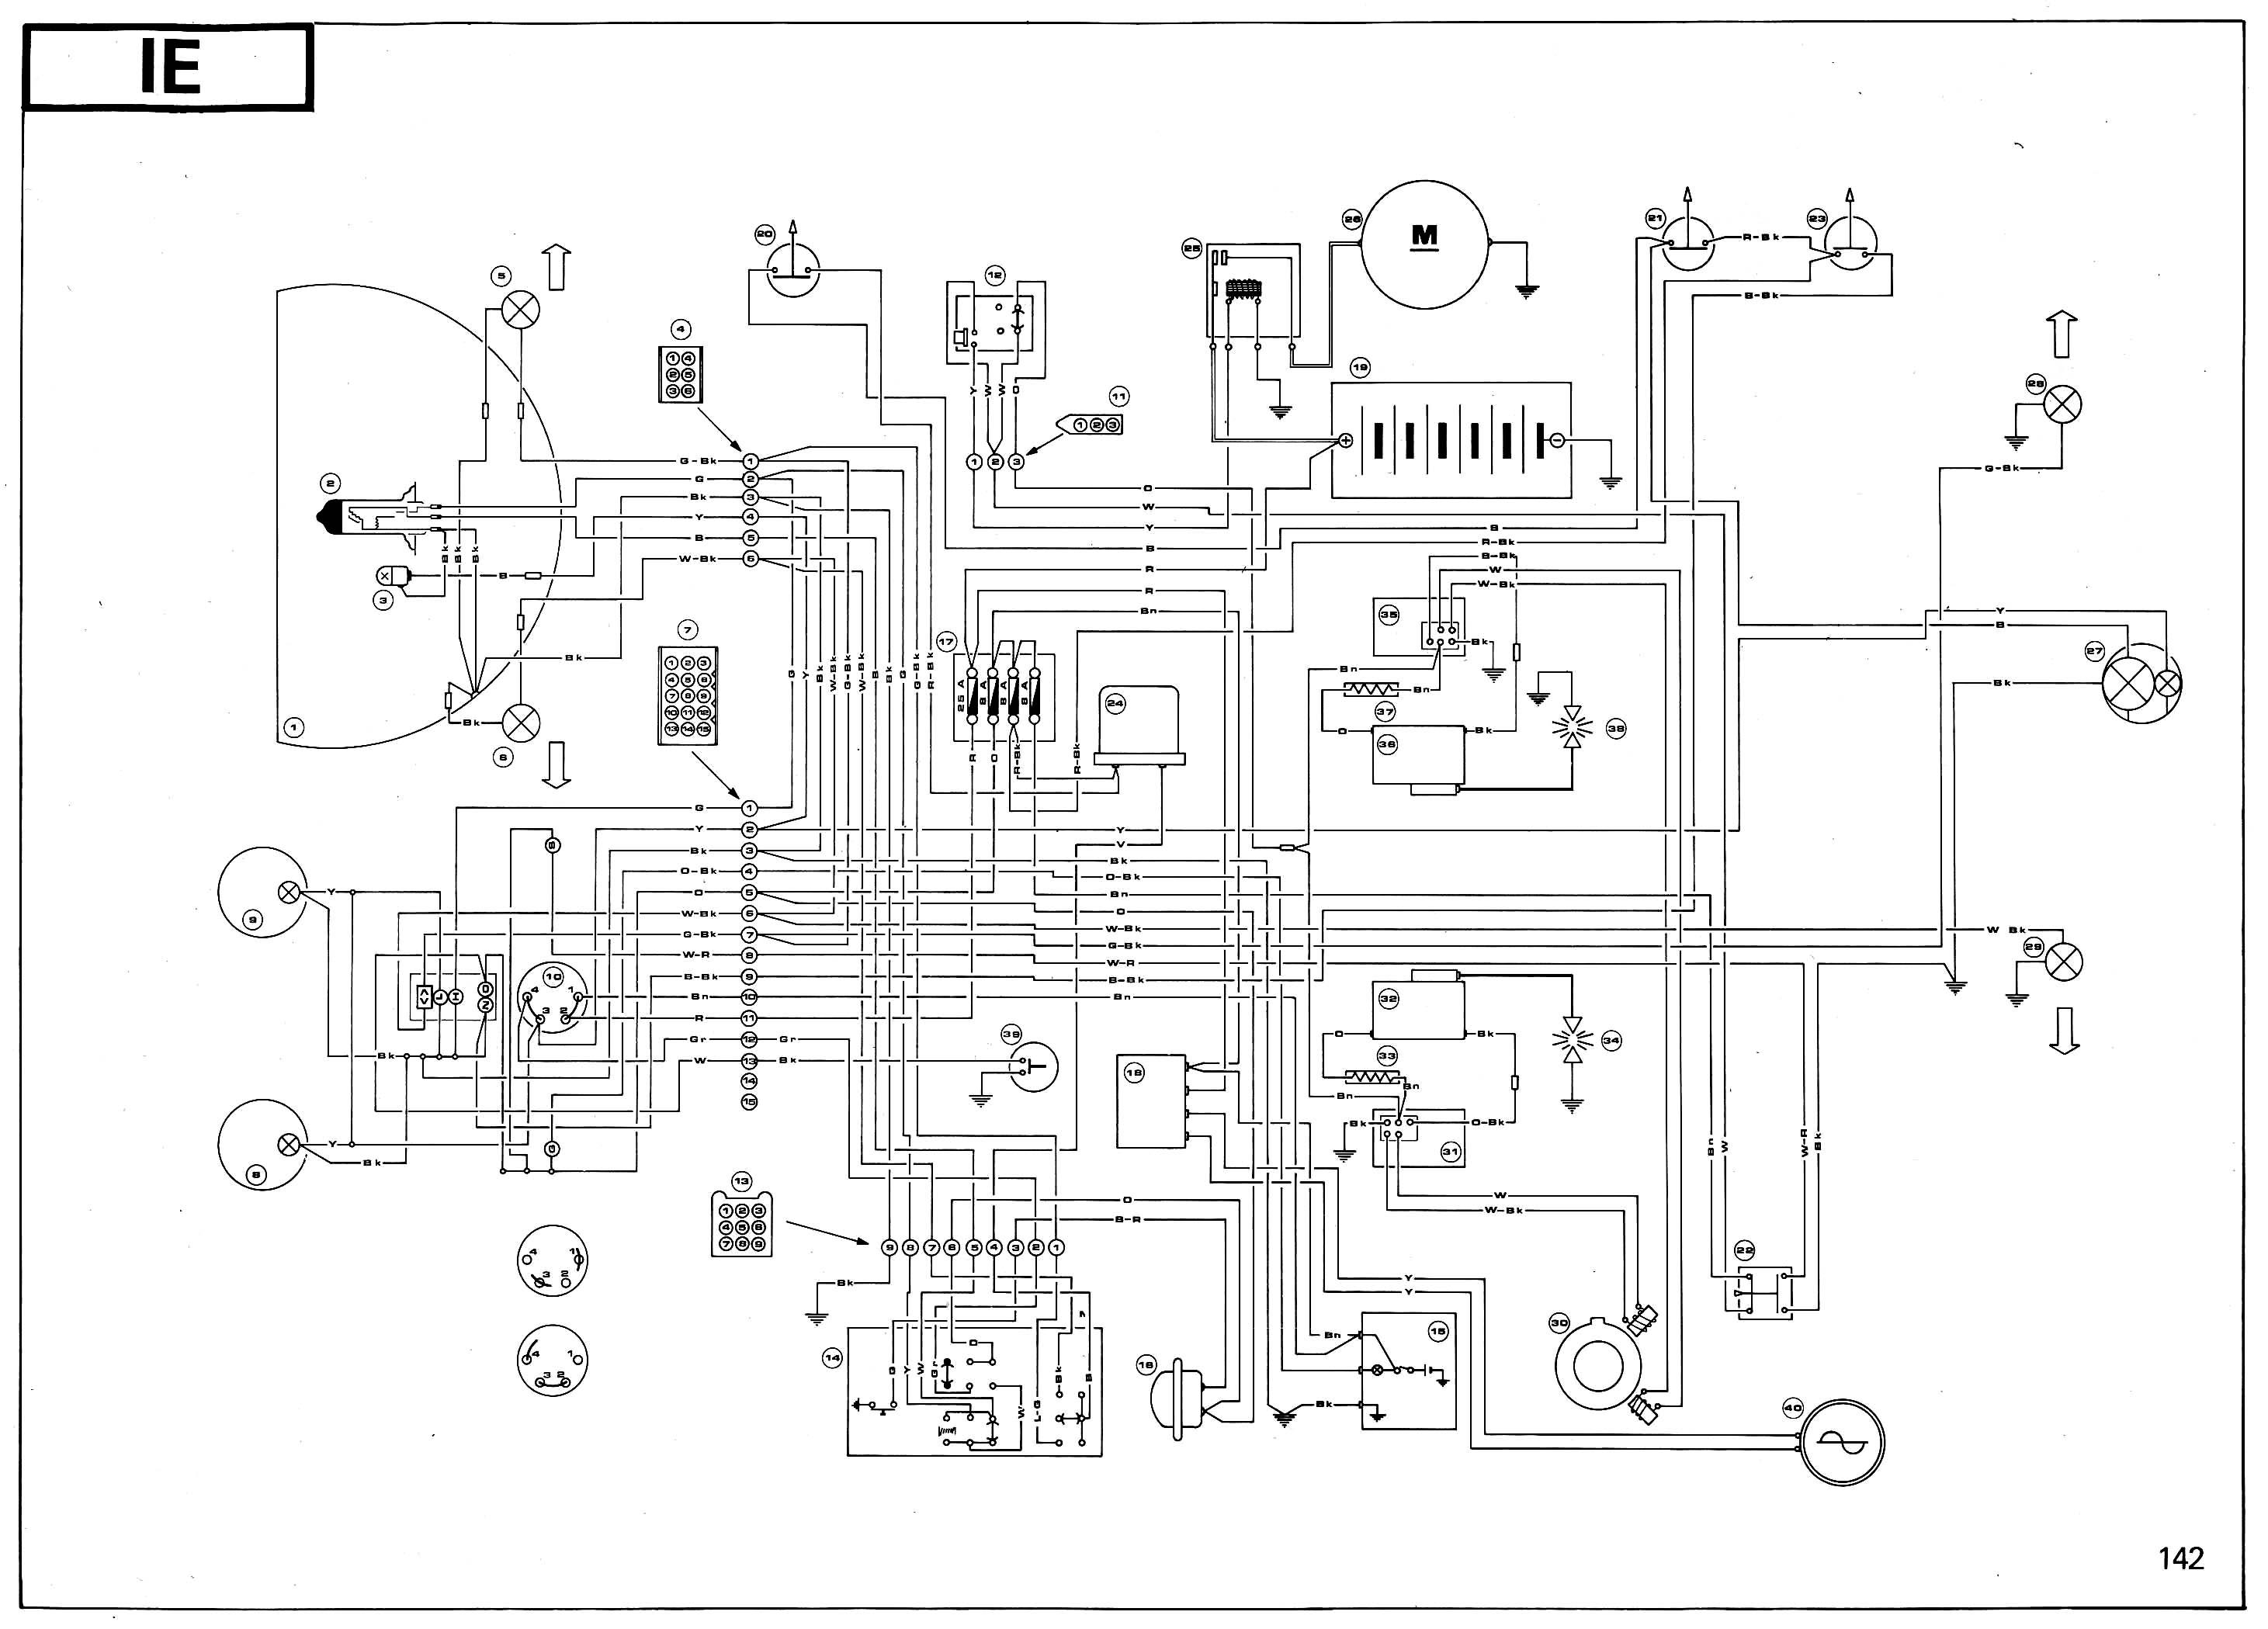 Joyner Sand Buggy Wiring Diagrams Diagram Master Blogs Atv Harness Roketa 250 Gk 19 Dune Library Rh 54 Rsscenter De 2009 Viper For A Wheel